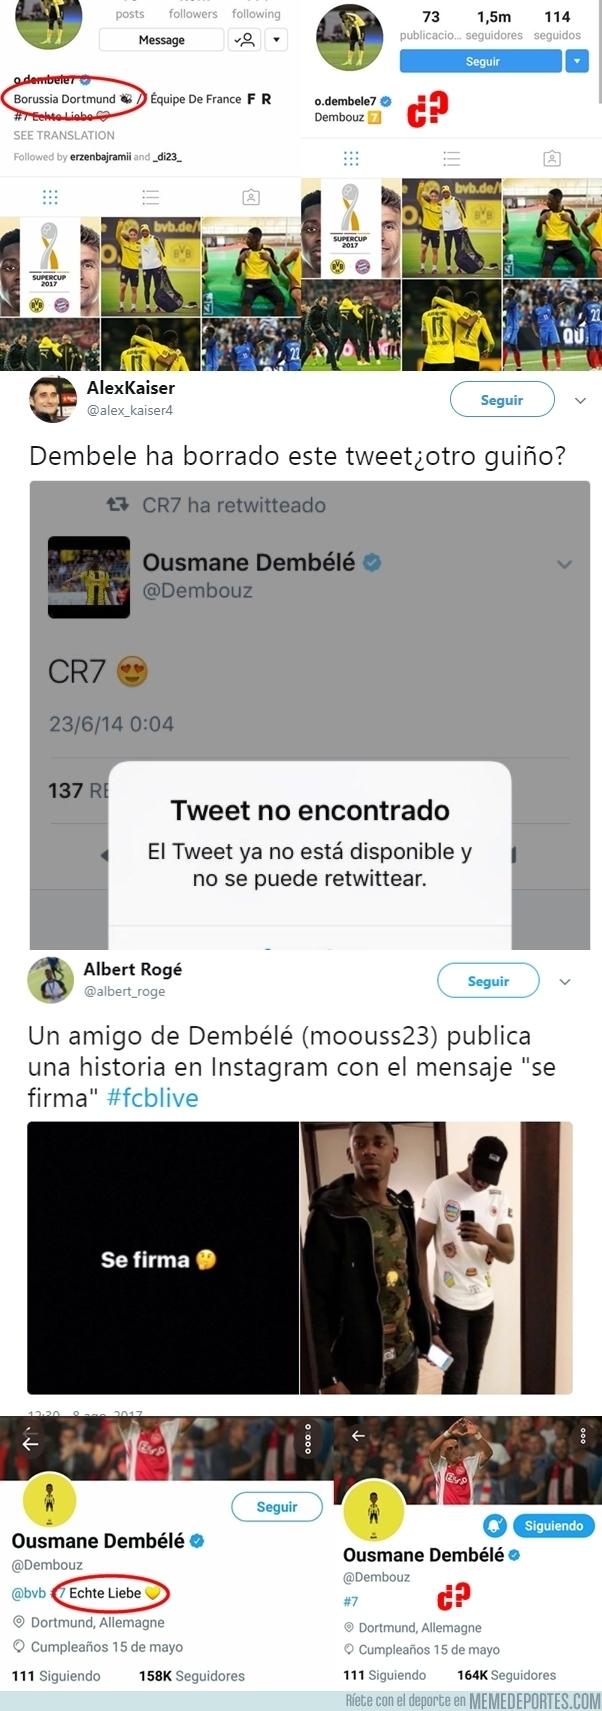 991828 - Dembélé más cerca del Barça que nunca tras hacer todos estos guiños en Twitter e Instagram